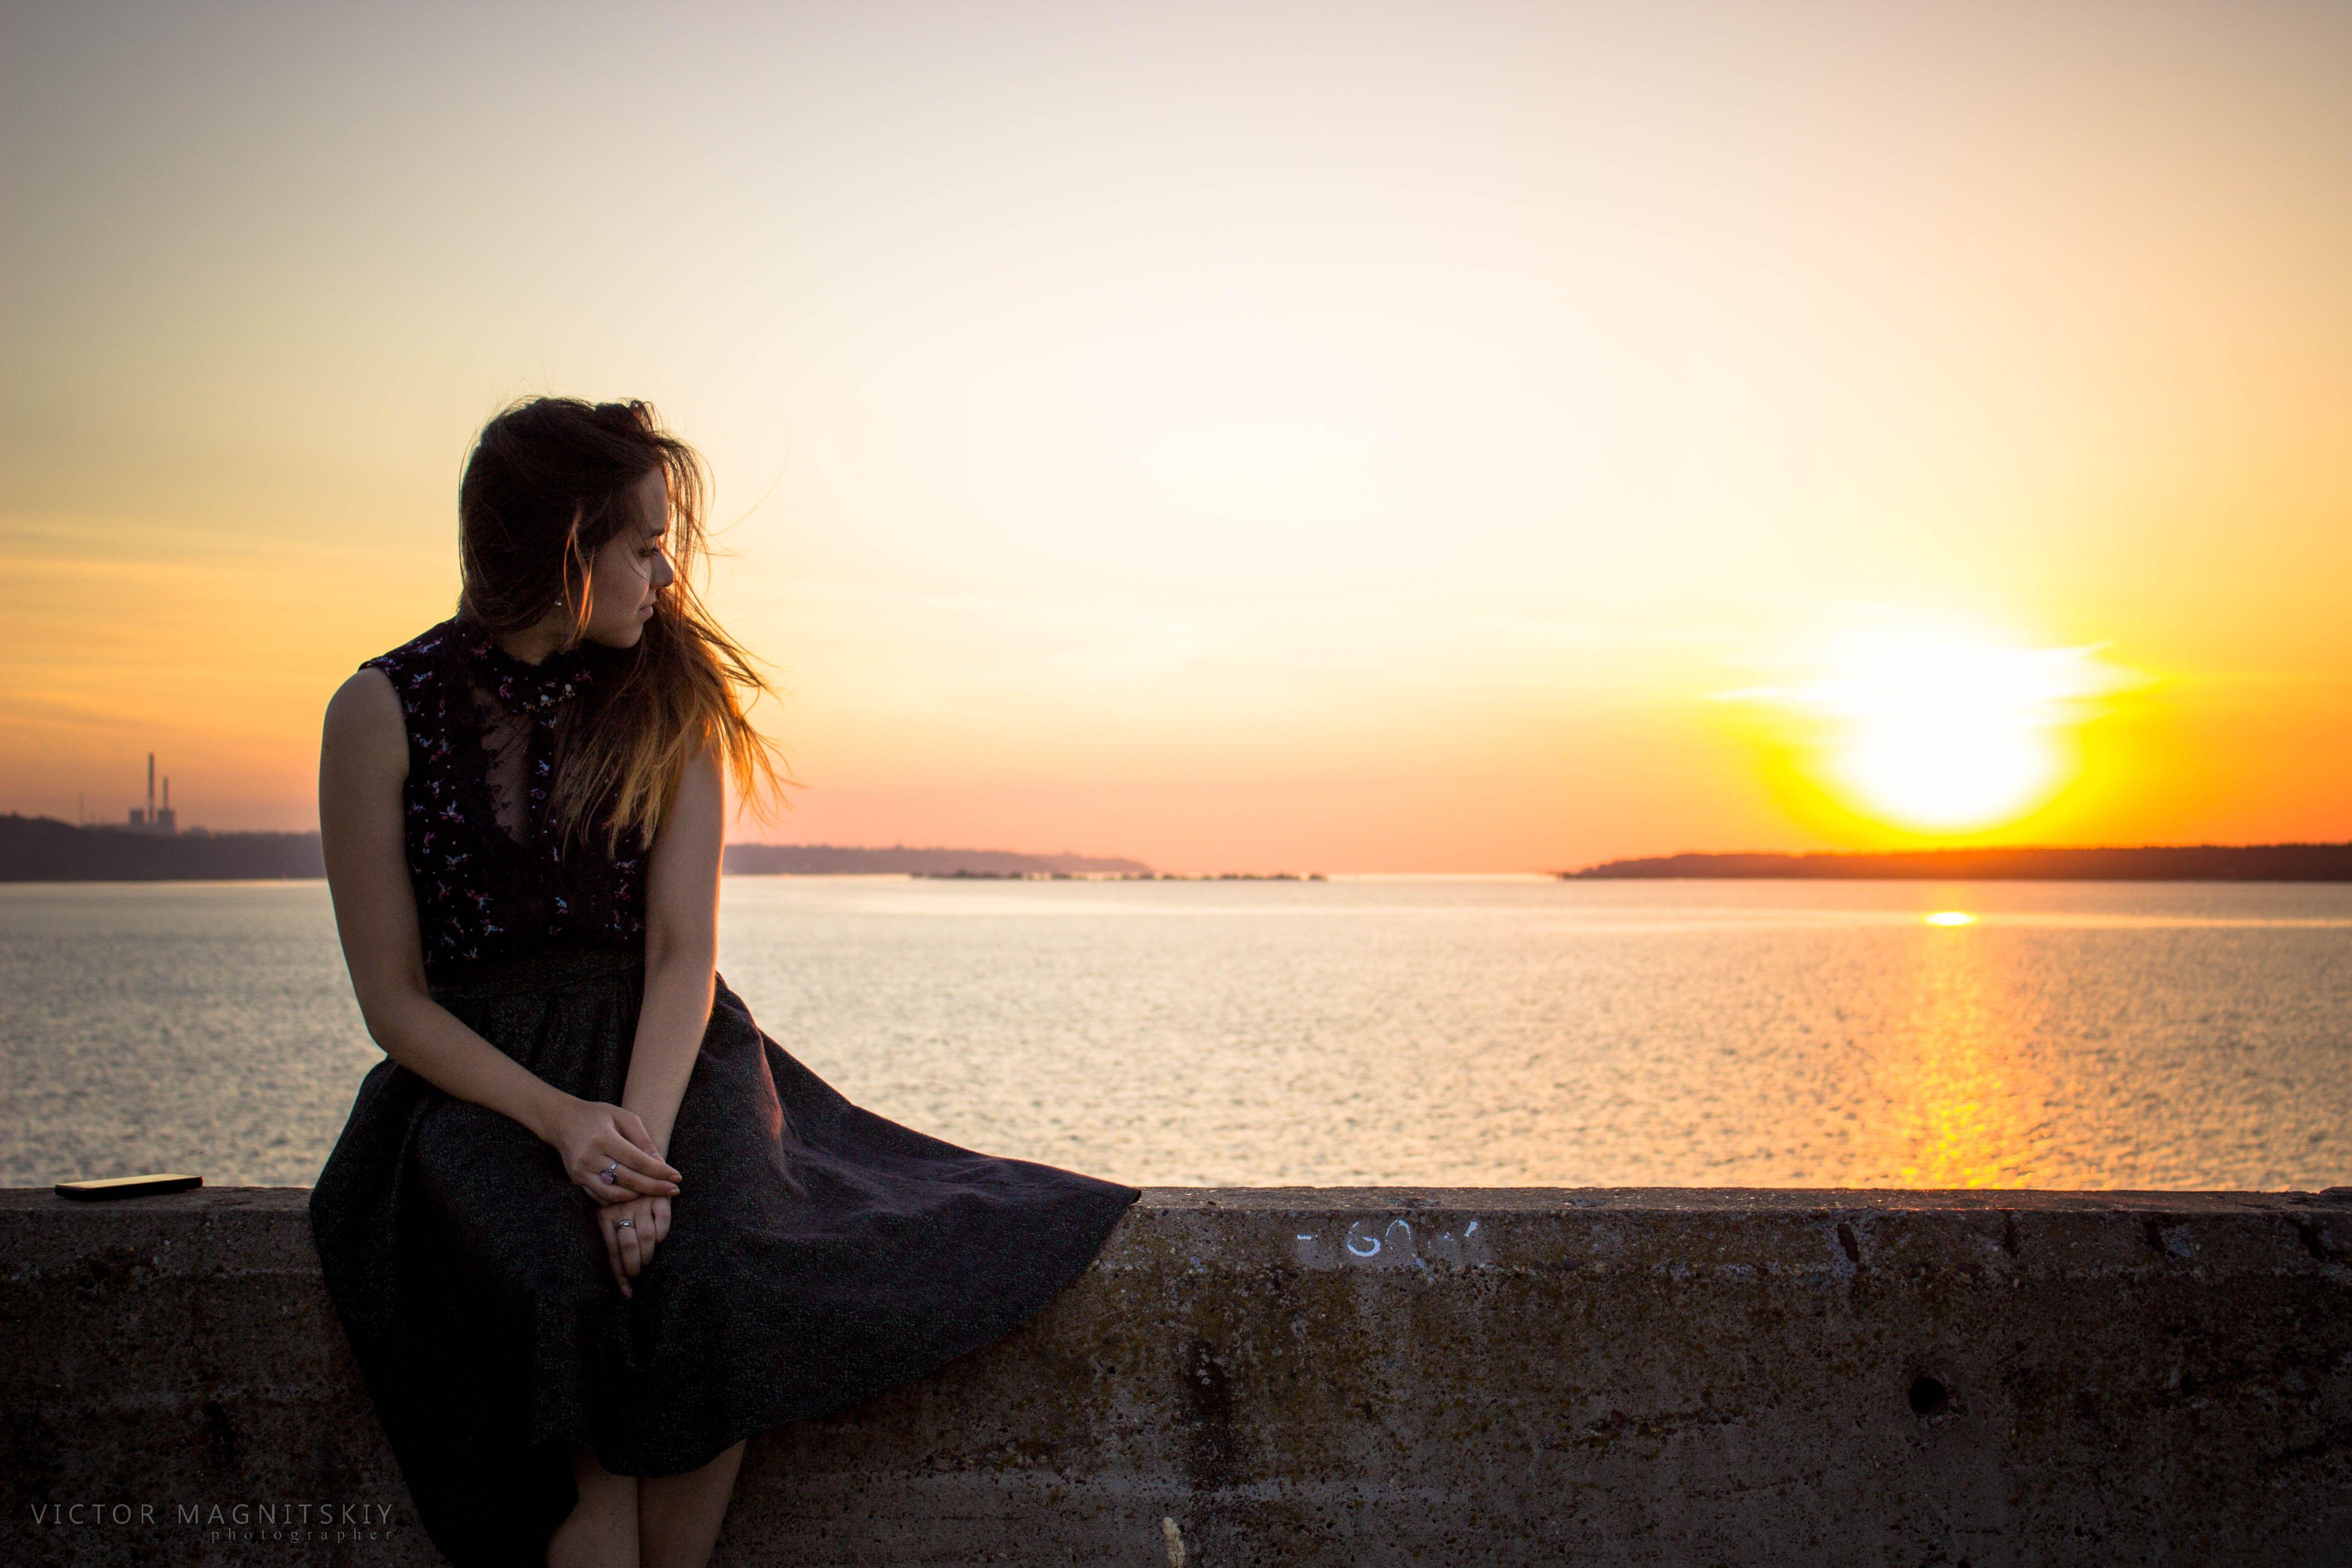 Красивые девушки красивые пейзажи